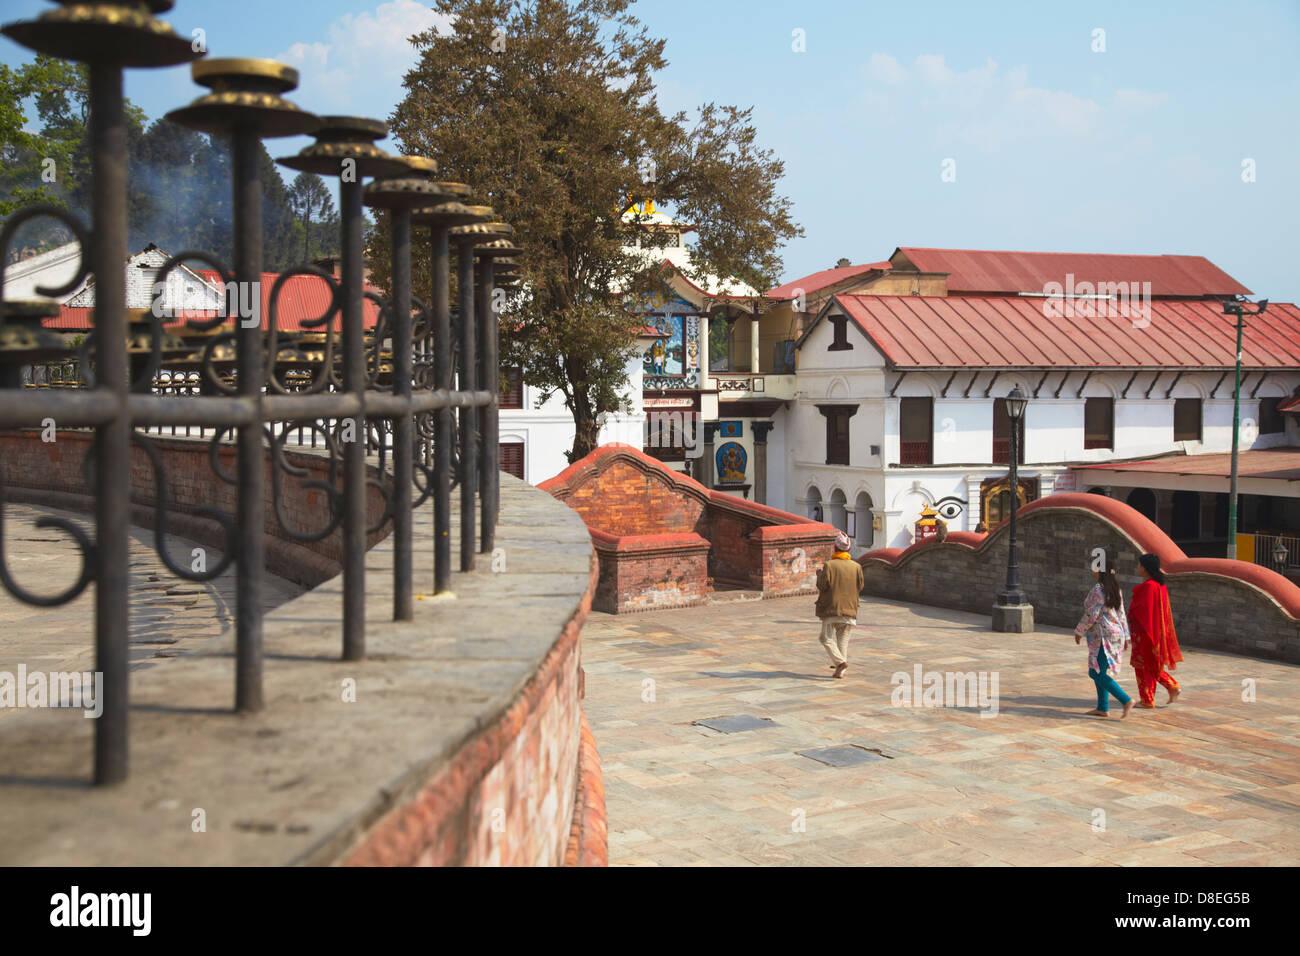 Pashupatinath Temple, Kathmandu, Nepal - Stock Image